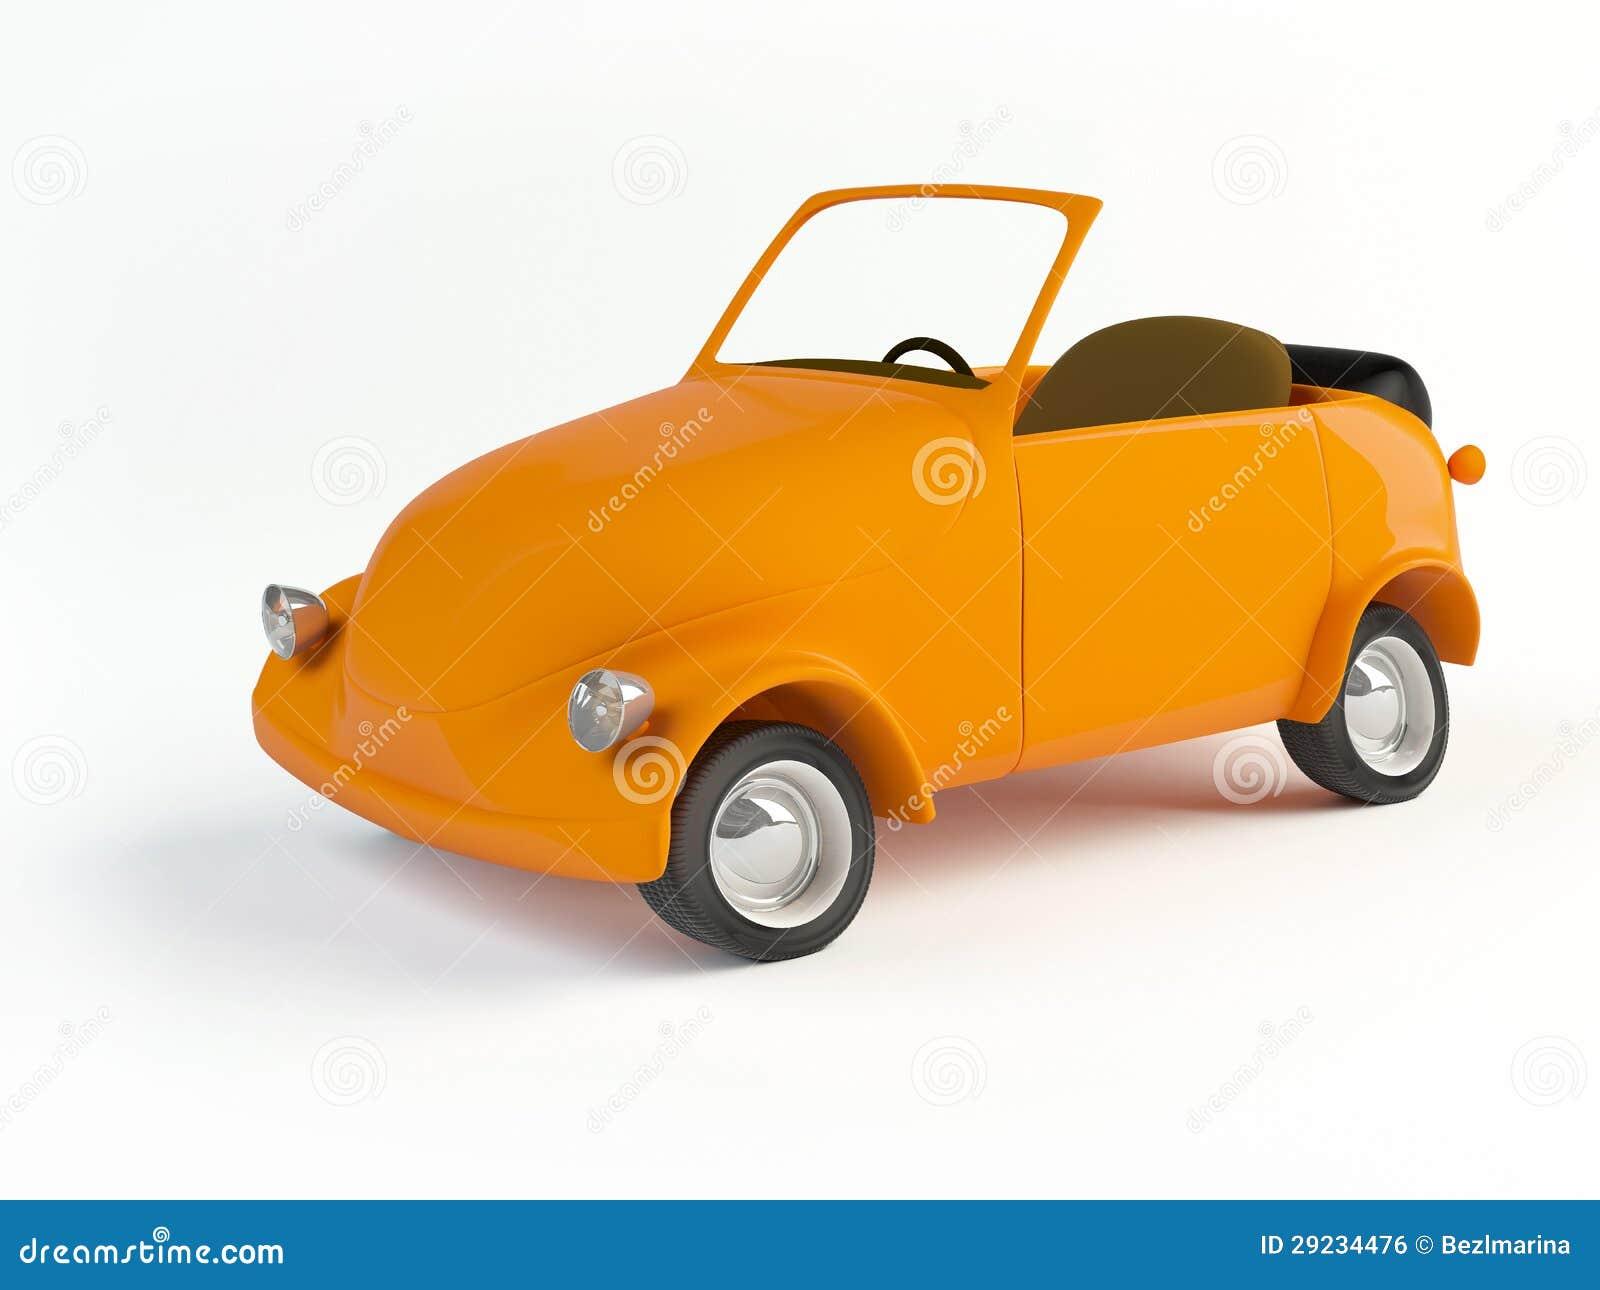 Download Mini carro ilustração stock. Ilustração de cartoon, ilustrações - 29234476